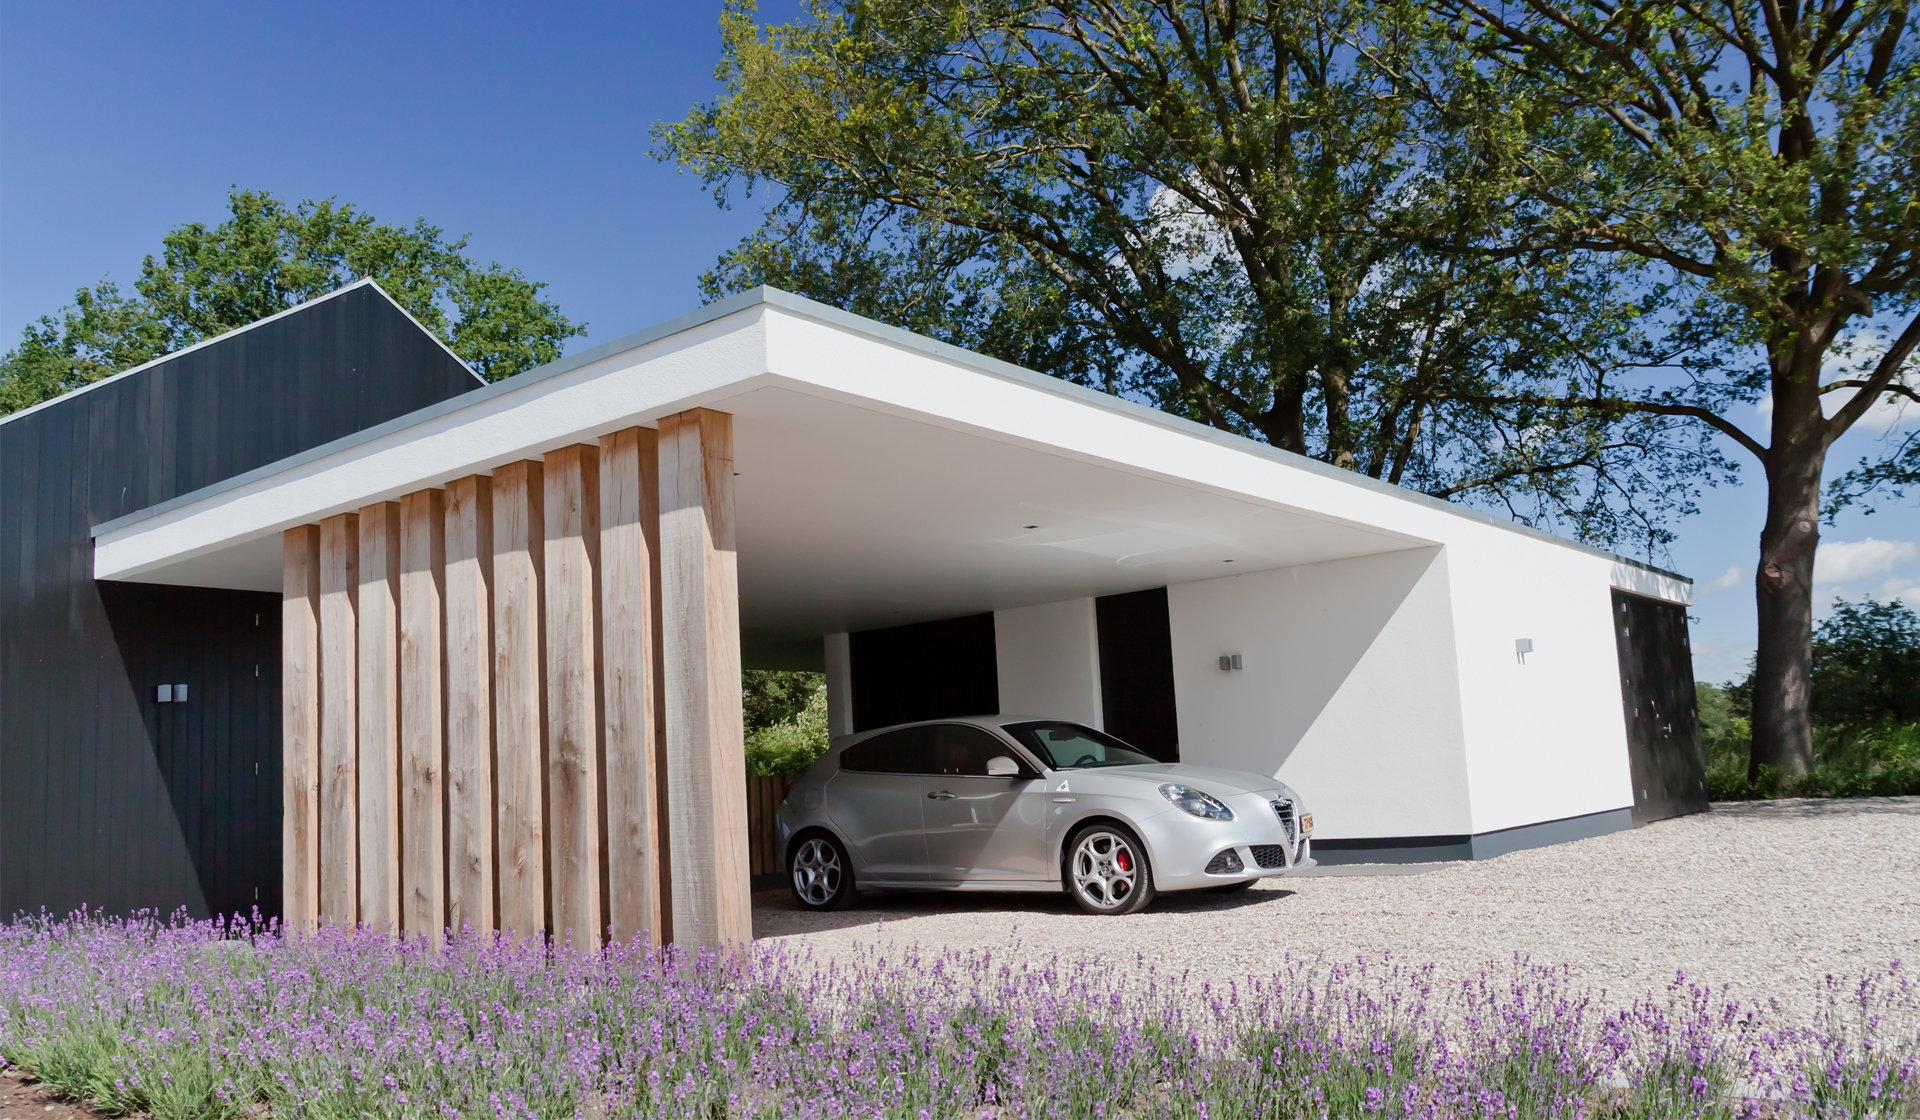 Voorzijde minimalistische carport